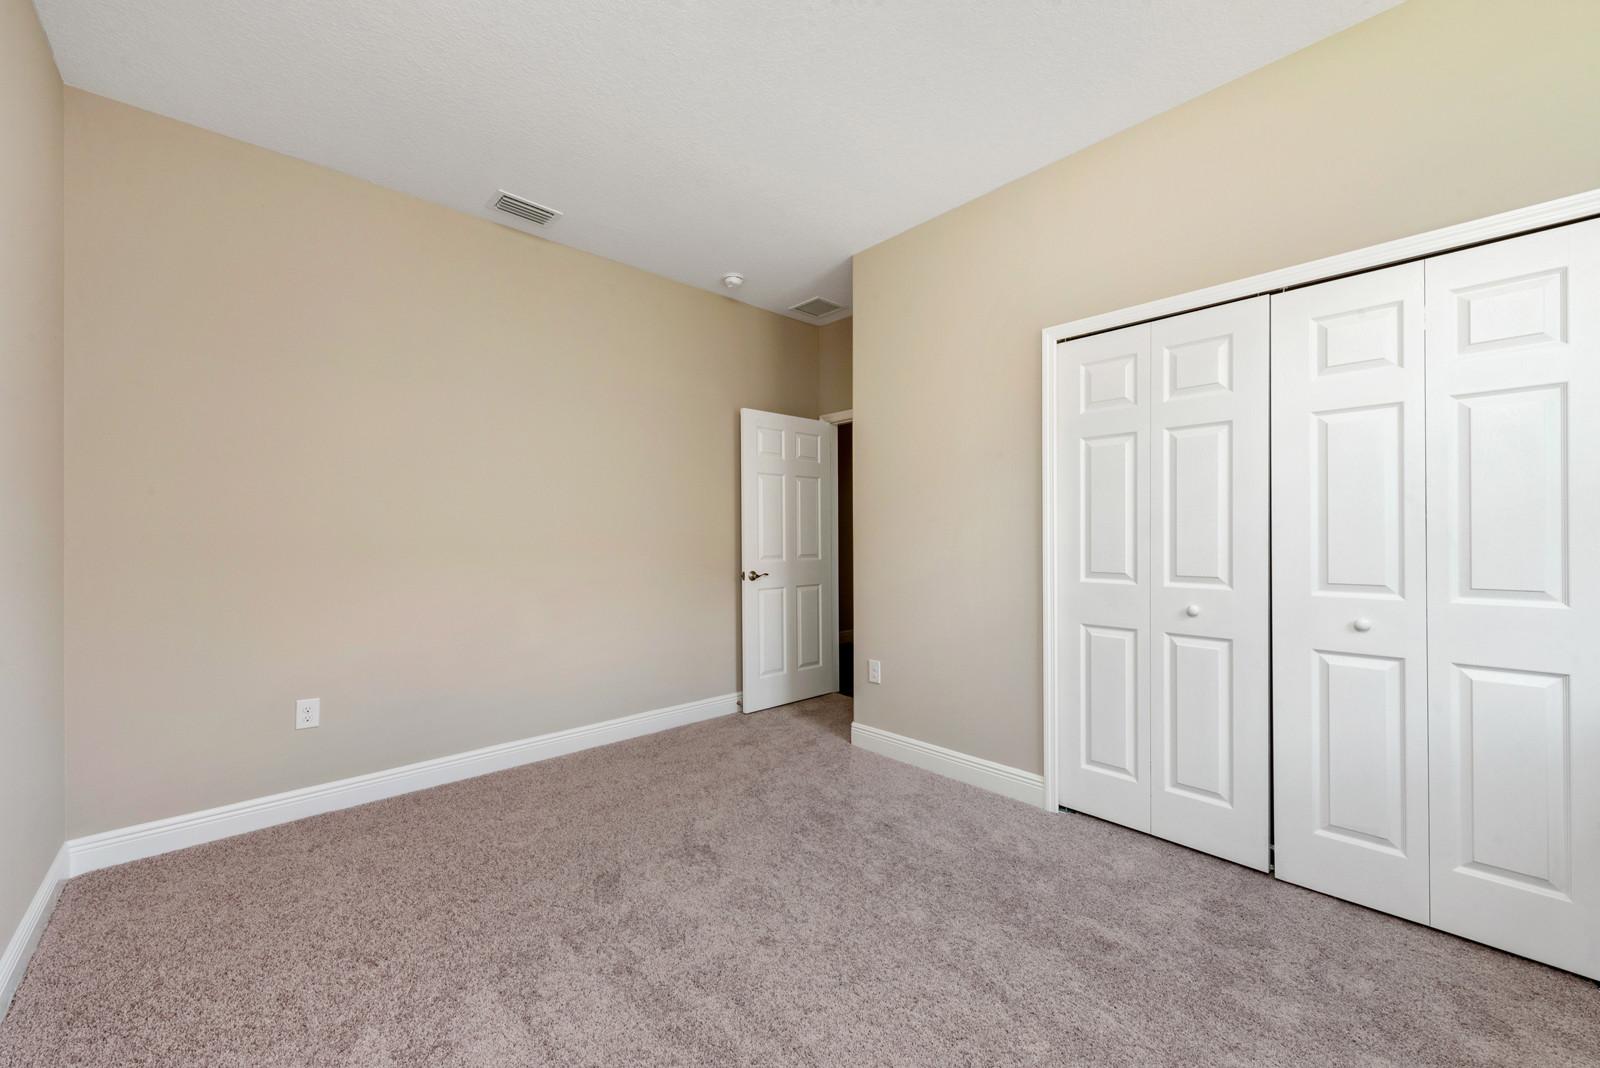 Guest Bedroom - Eleven Oaks - Laurel Oak Floor Plan